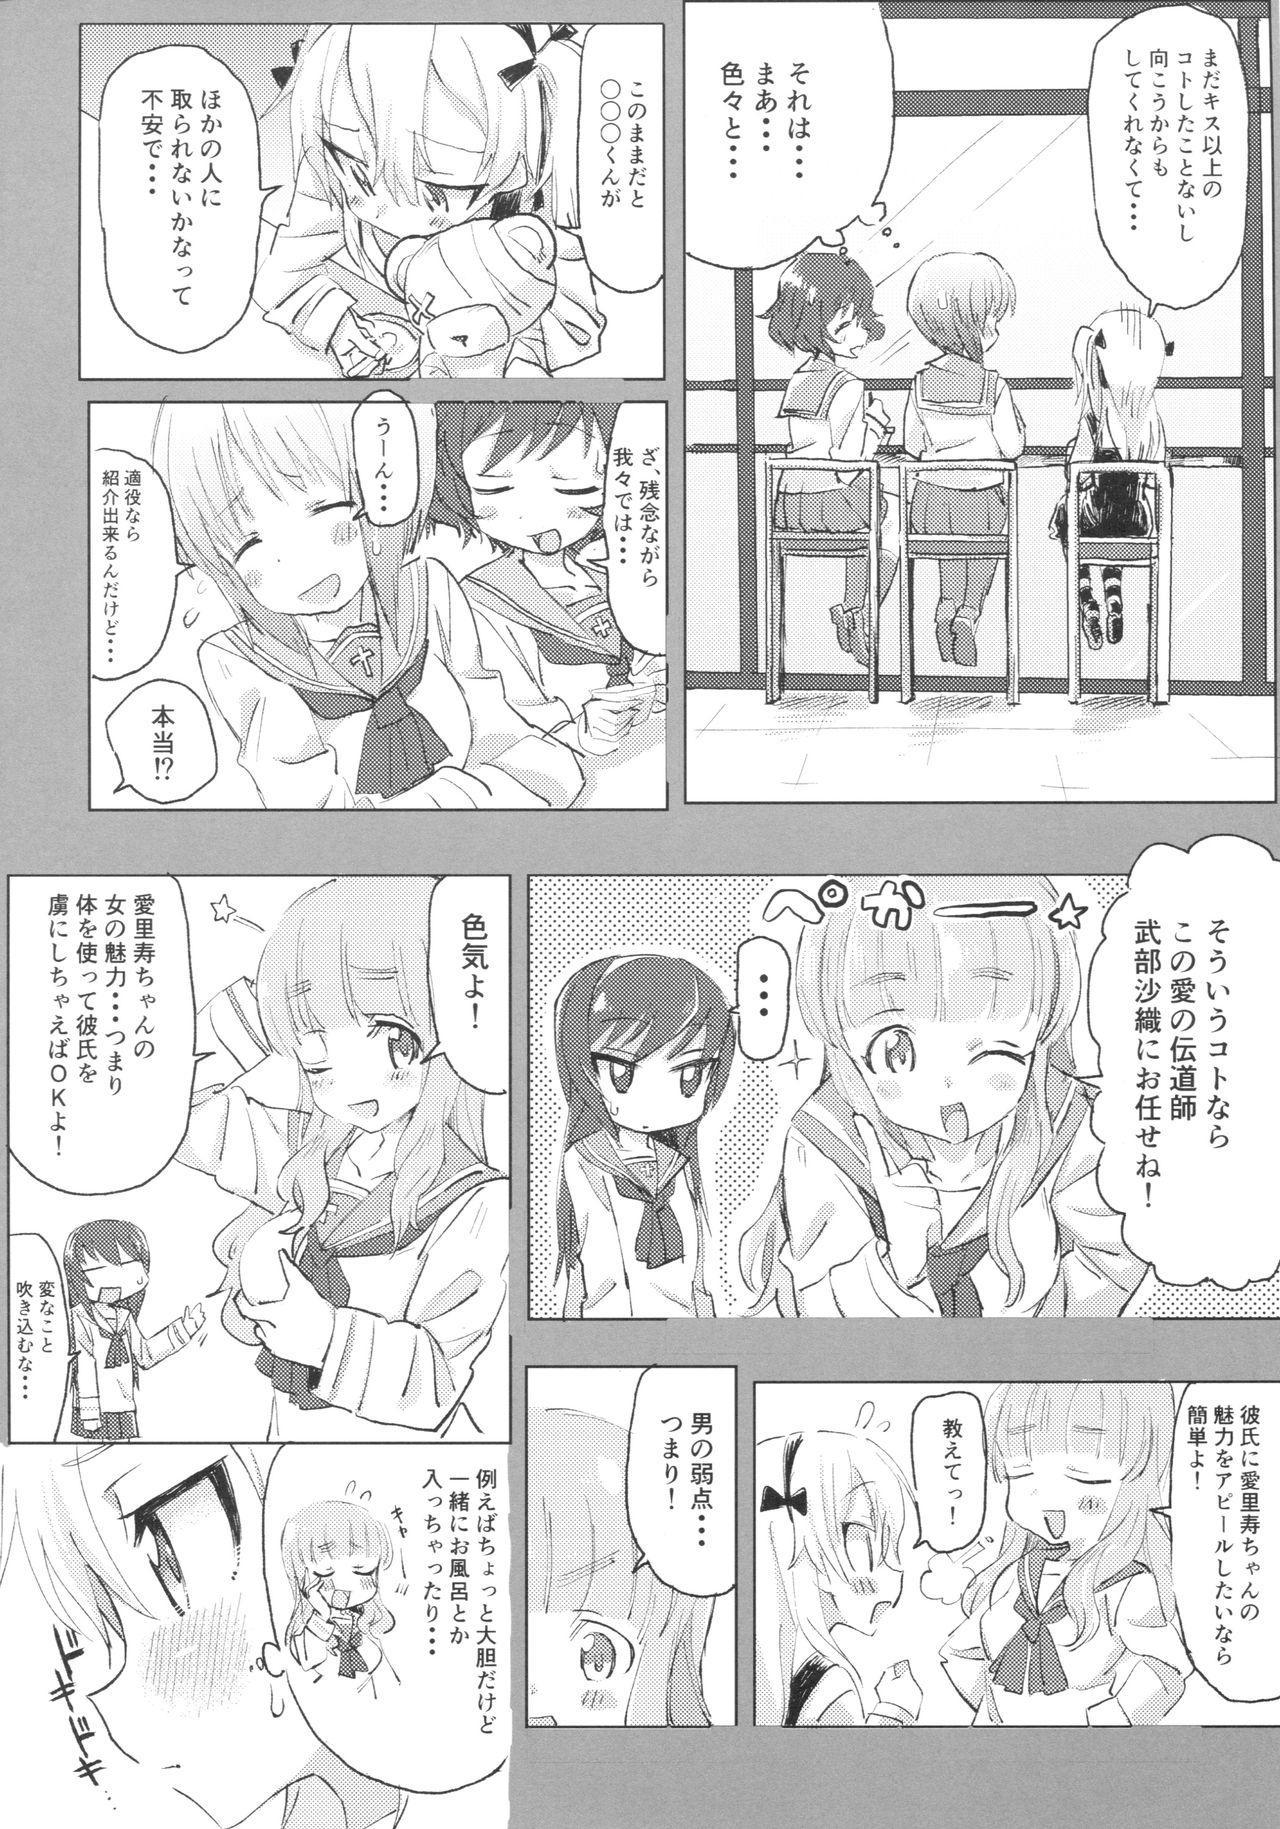 Shimada Arisu to Tappuri Amaama Ichaicha Love love Shite Chottodake Sex suru Atsui Hon 17